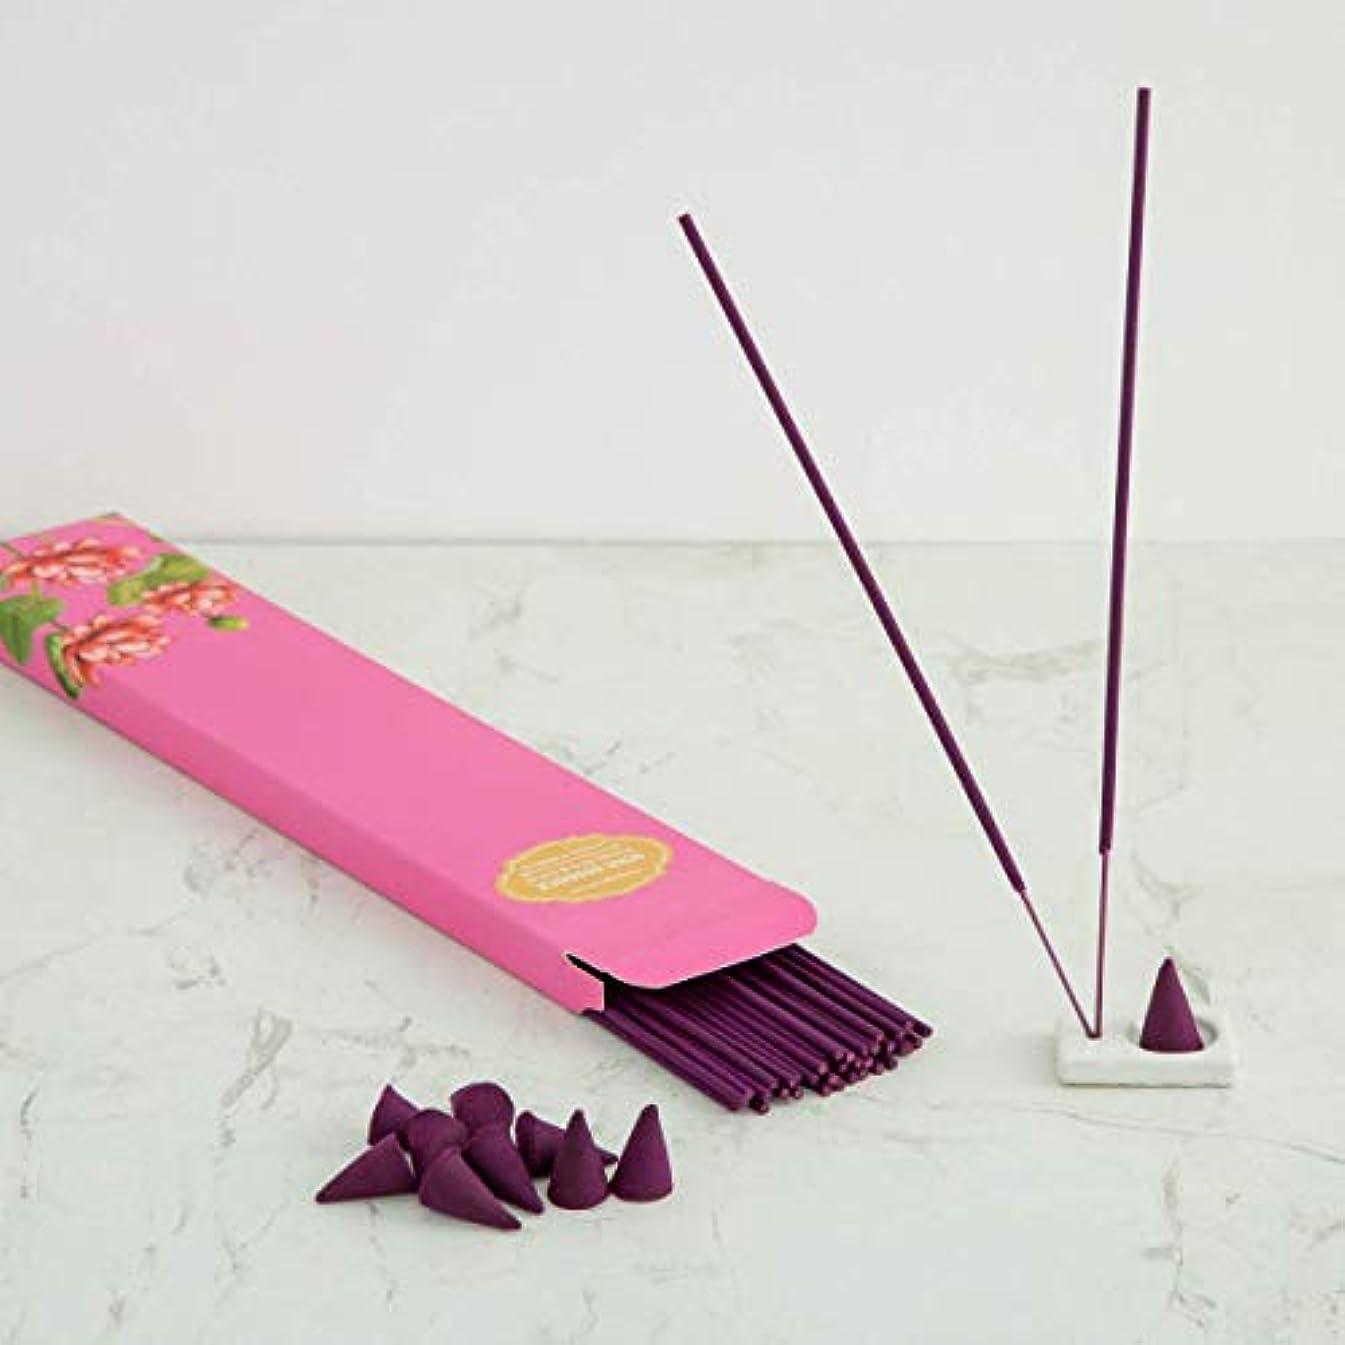 惨めな入る義務づけるHome Centre Redolance Chirping Woods Incense Sticks and Cones - Purple